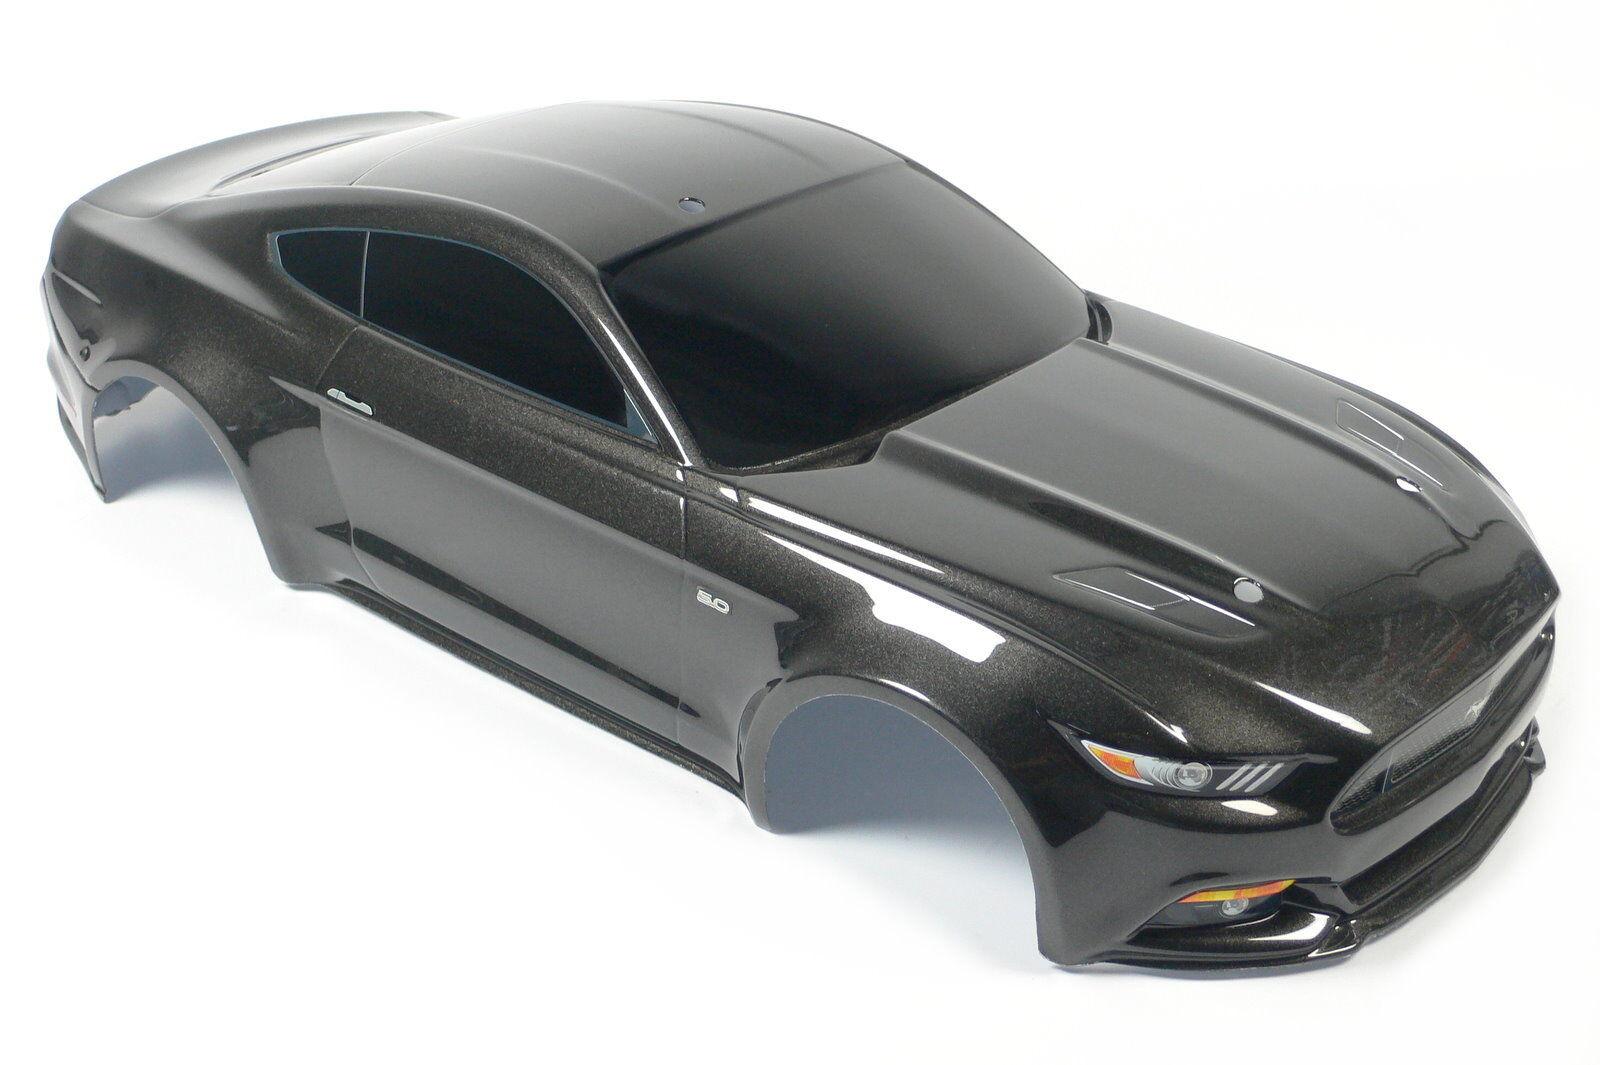 TRAXXAS FORD MUSTANG GT 1:10 1:10 carrozzeria 8311x BODY NERO VIAGGI AUTO